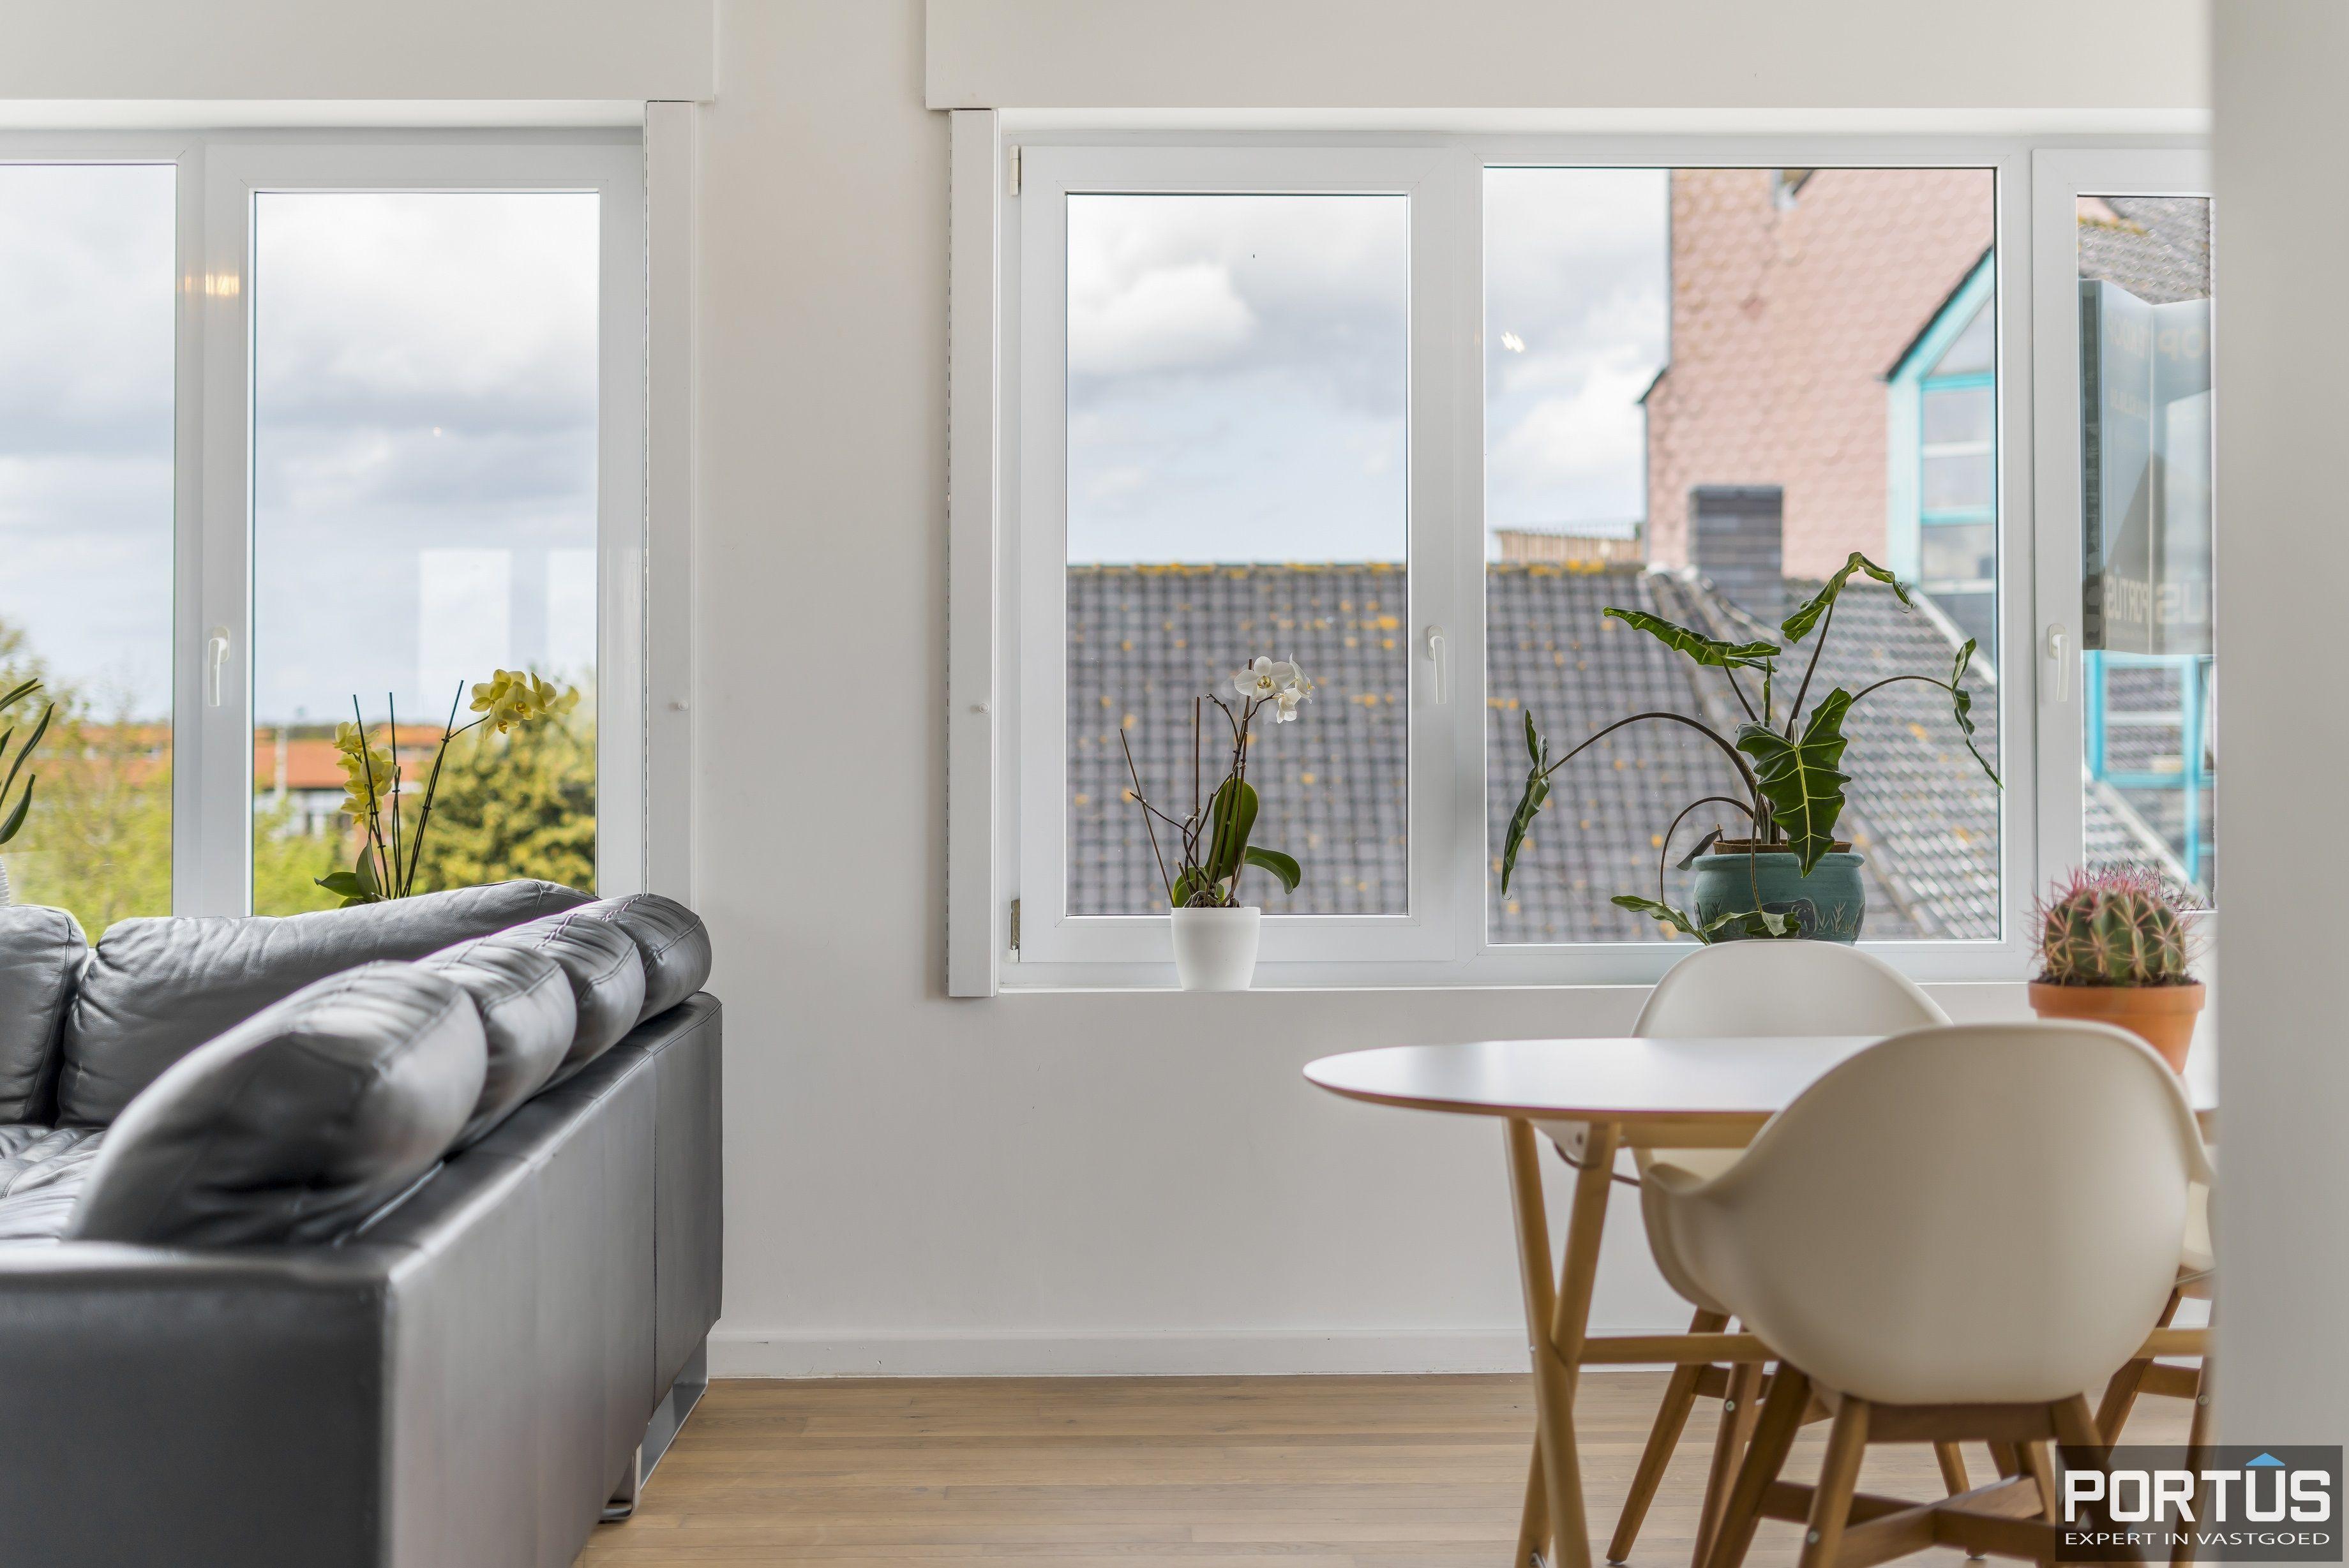 Appartement met 3 slaapkamers te koop te Westende - 12857